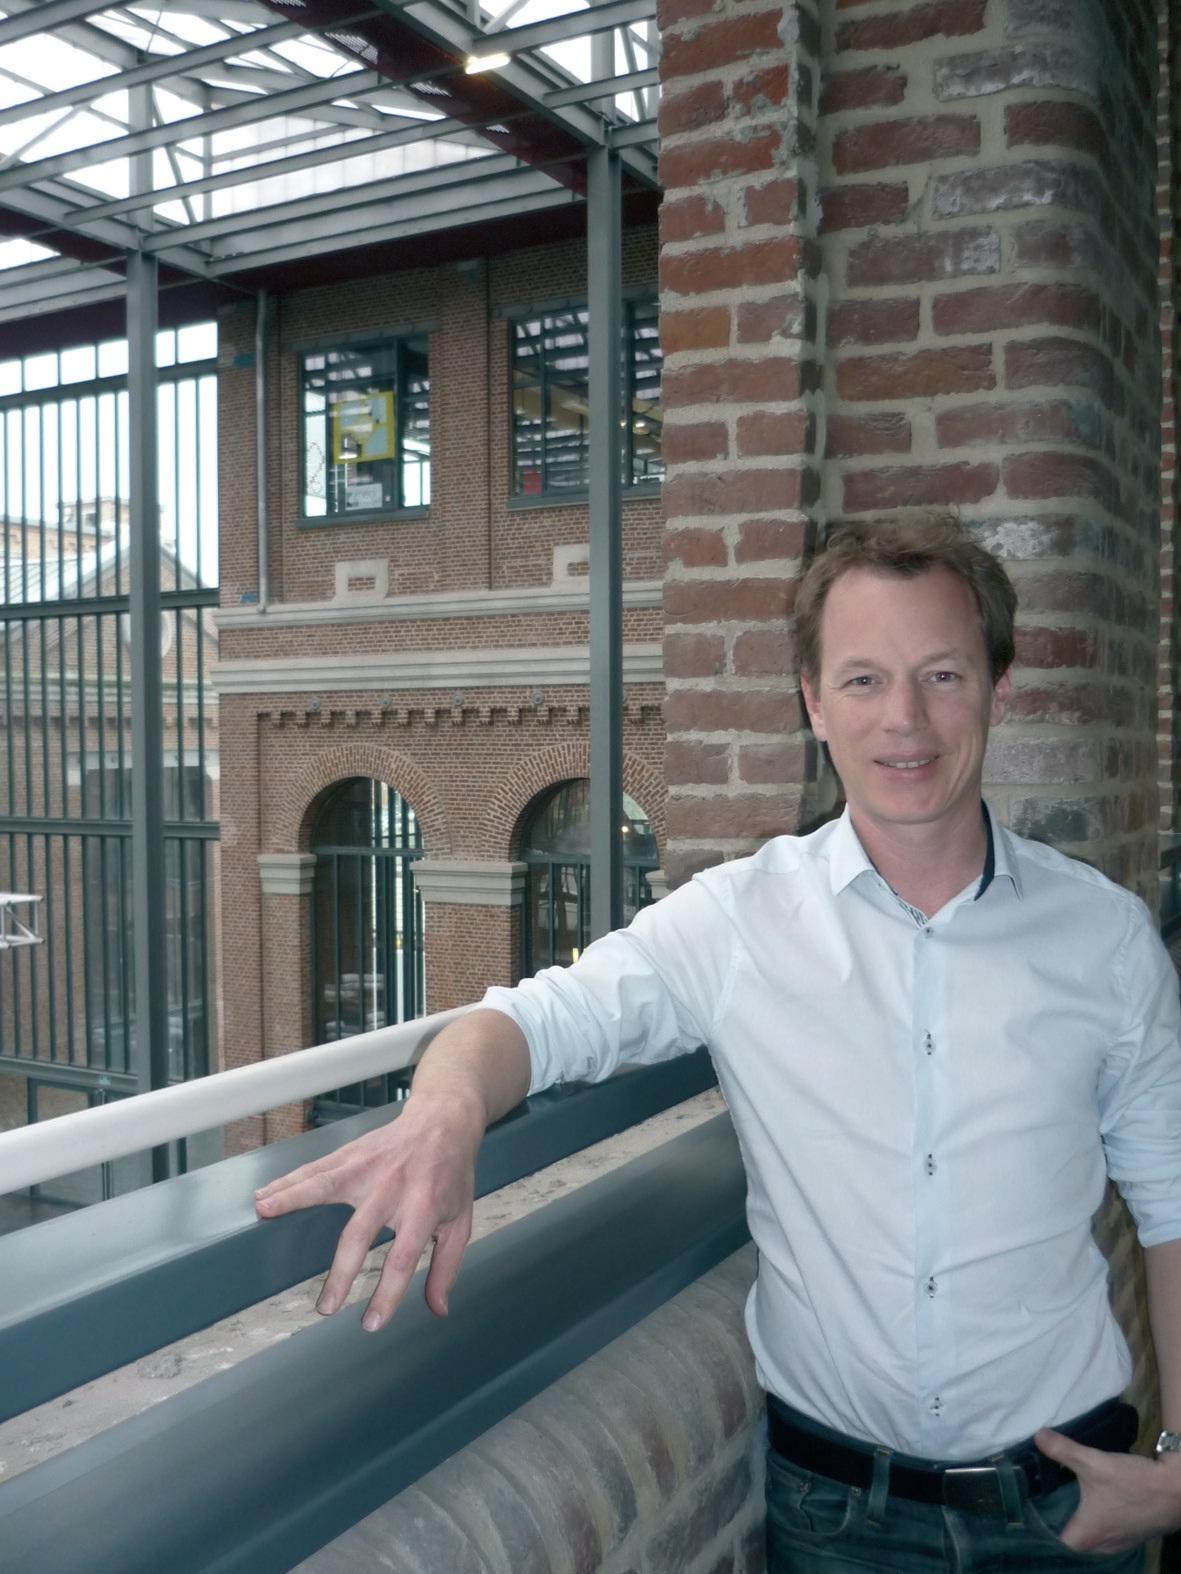 Guillaume Spriet apprécie son hébergement à EuraTechnologies. Il y rencontre de nouvelles sociétés ce qui rompt son isolement de créateur et il bénéficie d'une ambiance propice au développement commercial sur le web.